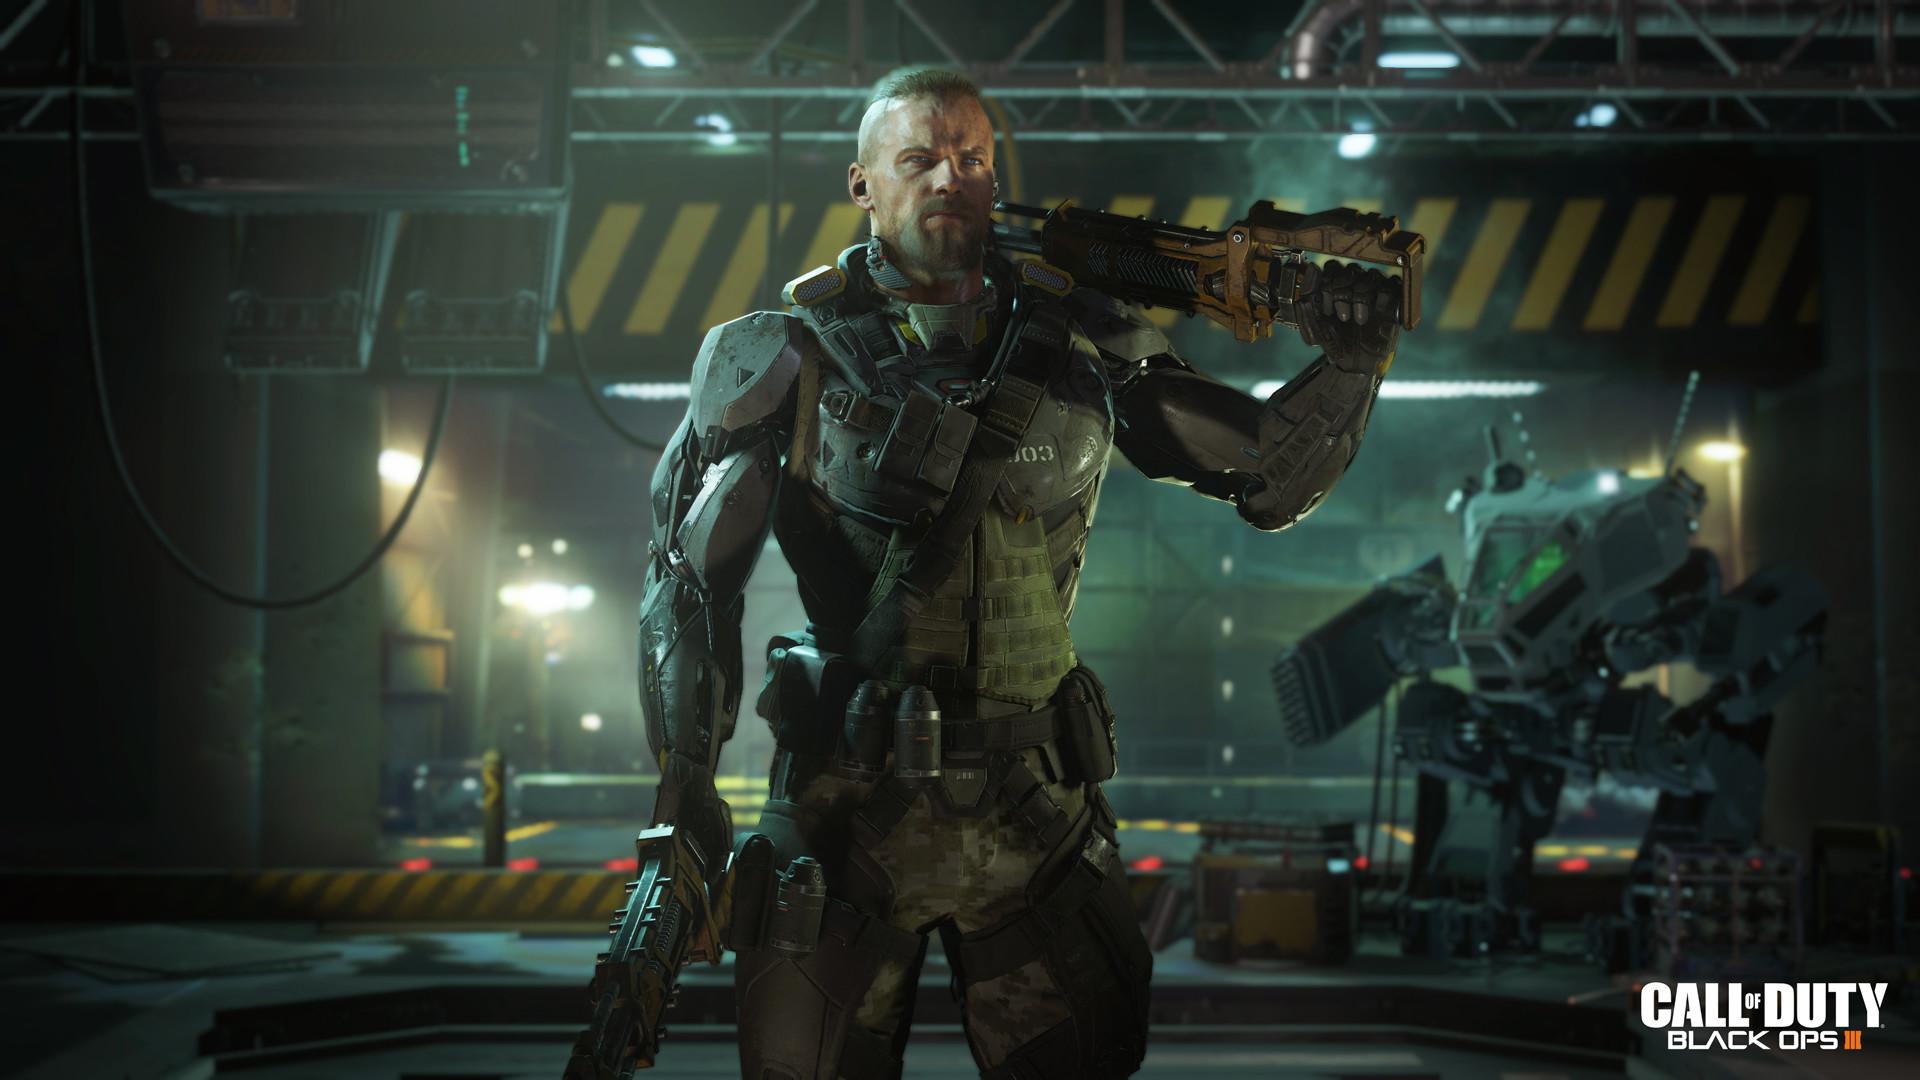 Call Of Duty Black Ops III ESPAÑOL PC Full + Update 2 (RELOADED) + REPACK 11 DVD5 (JPW) 10